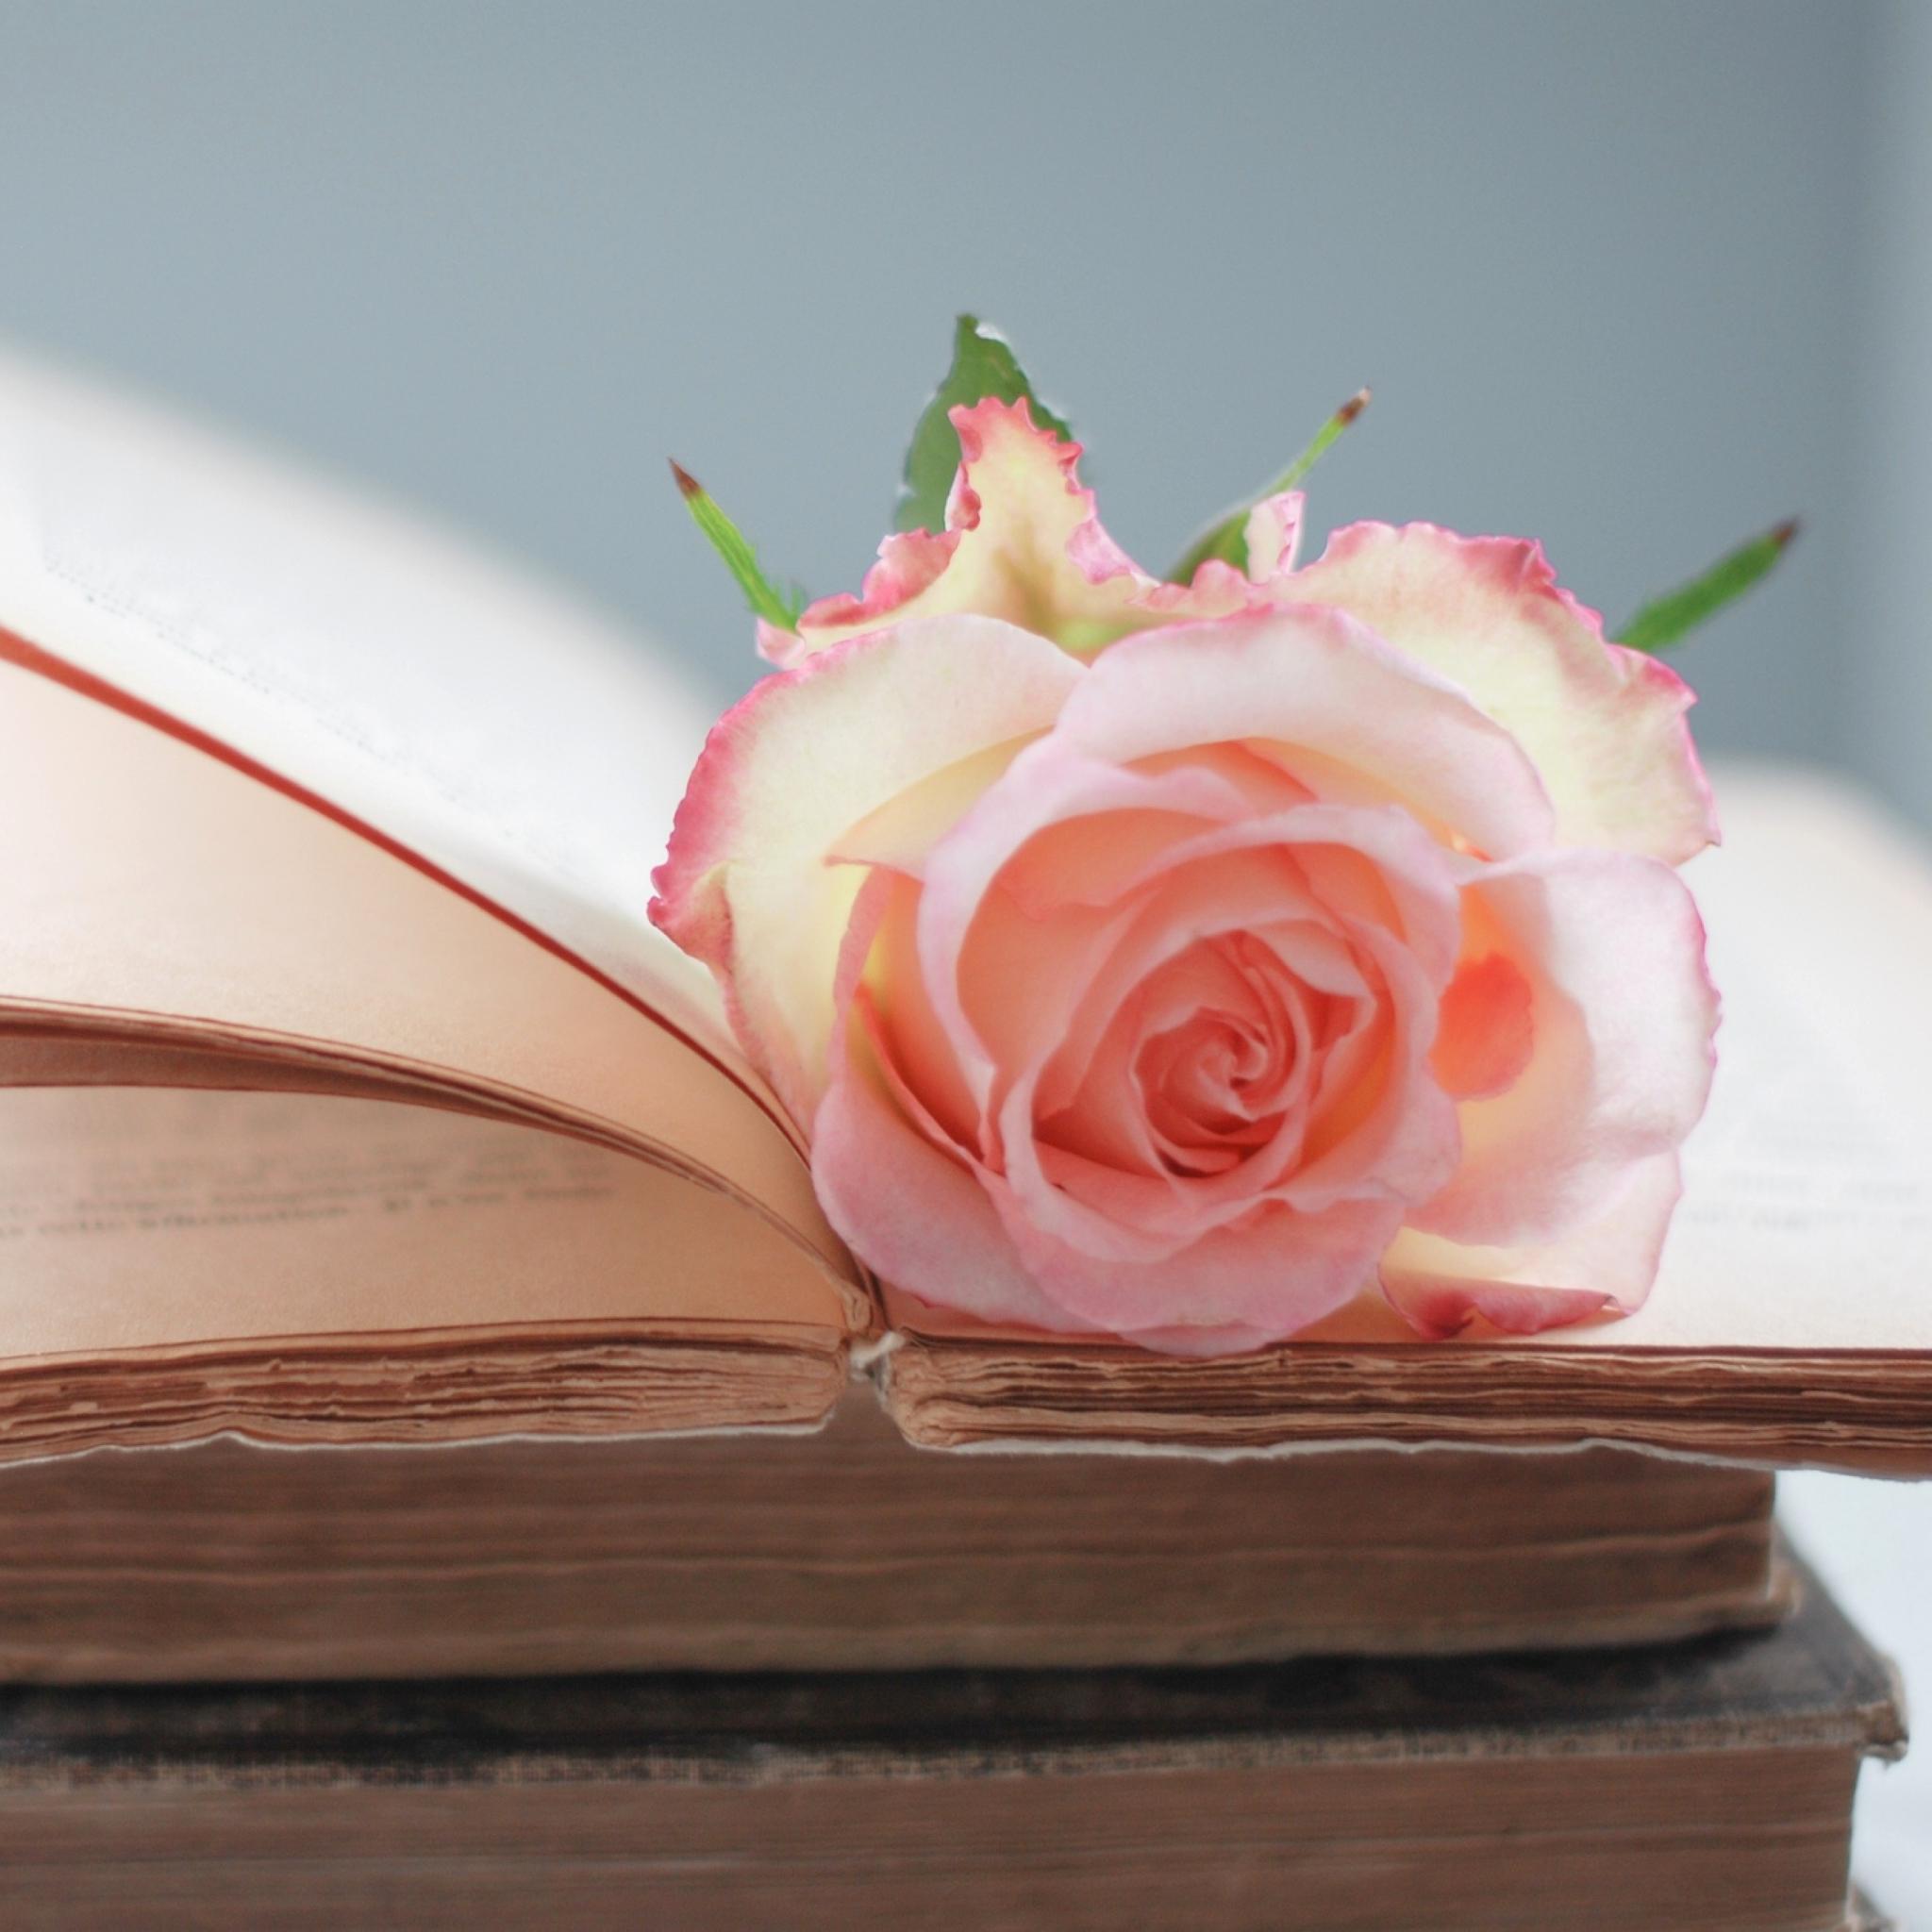 Цветок в книге  № 1489001  скачать